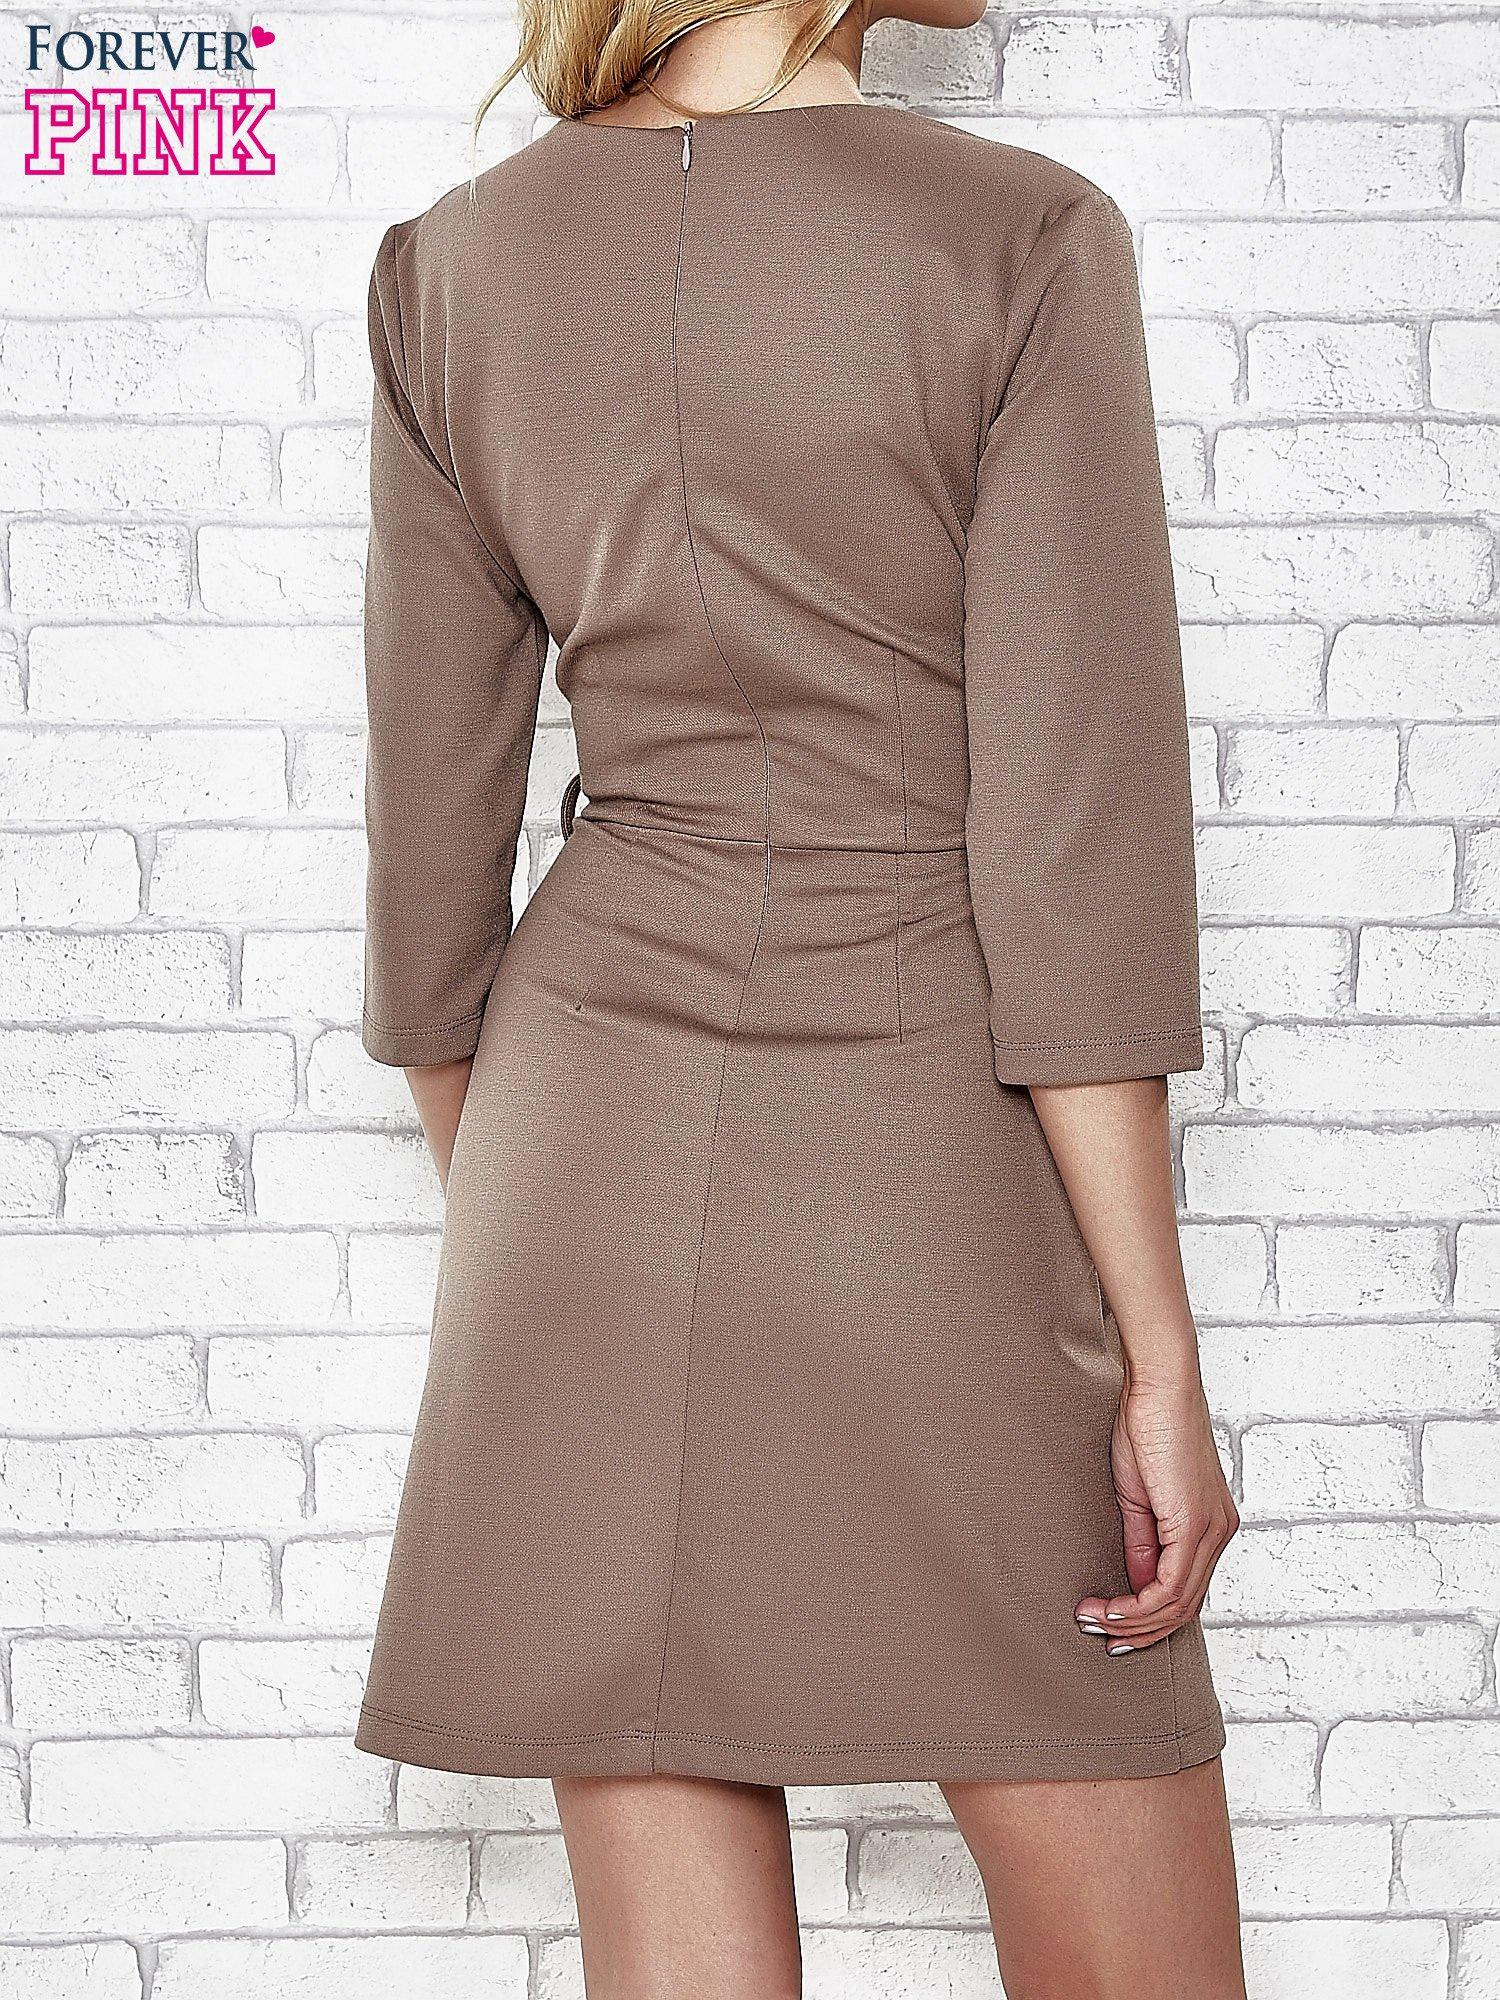 Brązowa rozkloszowana sukienka ze skórzanymi modułami                                  zdj.                                  2